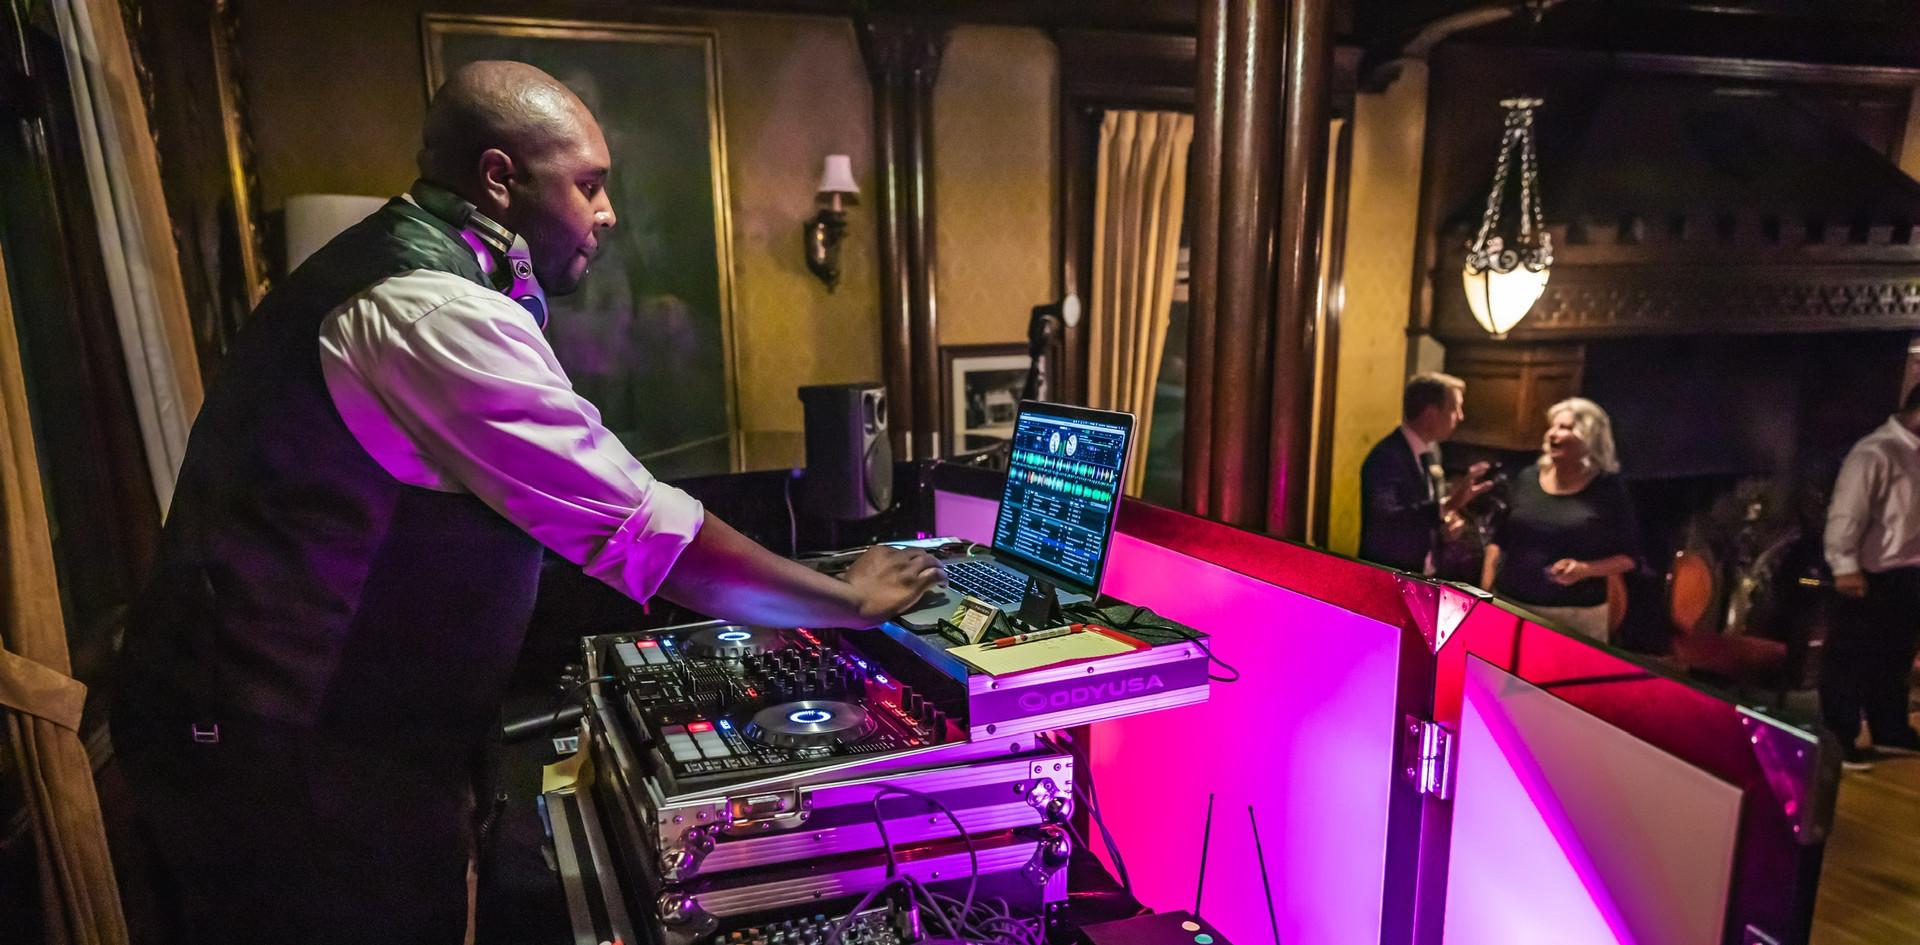 DJing/MC